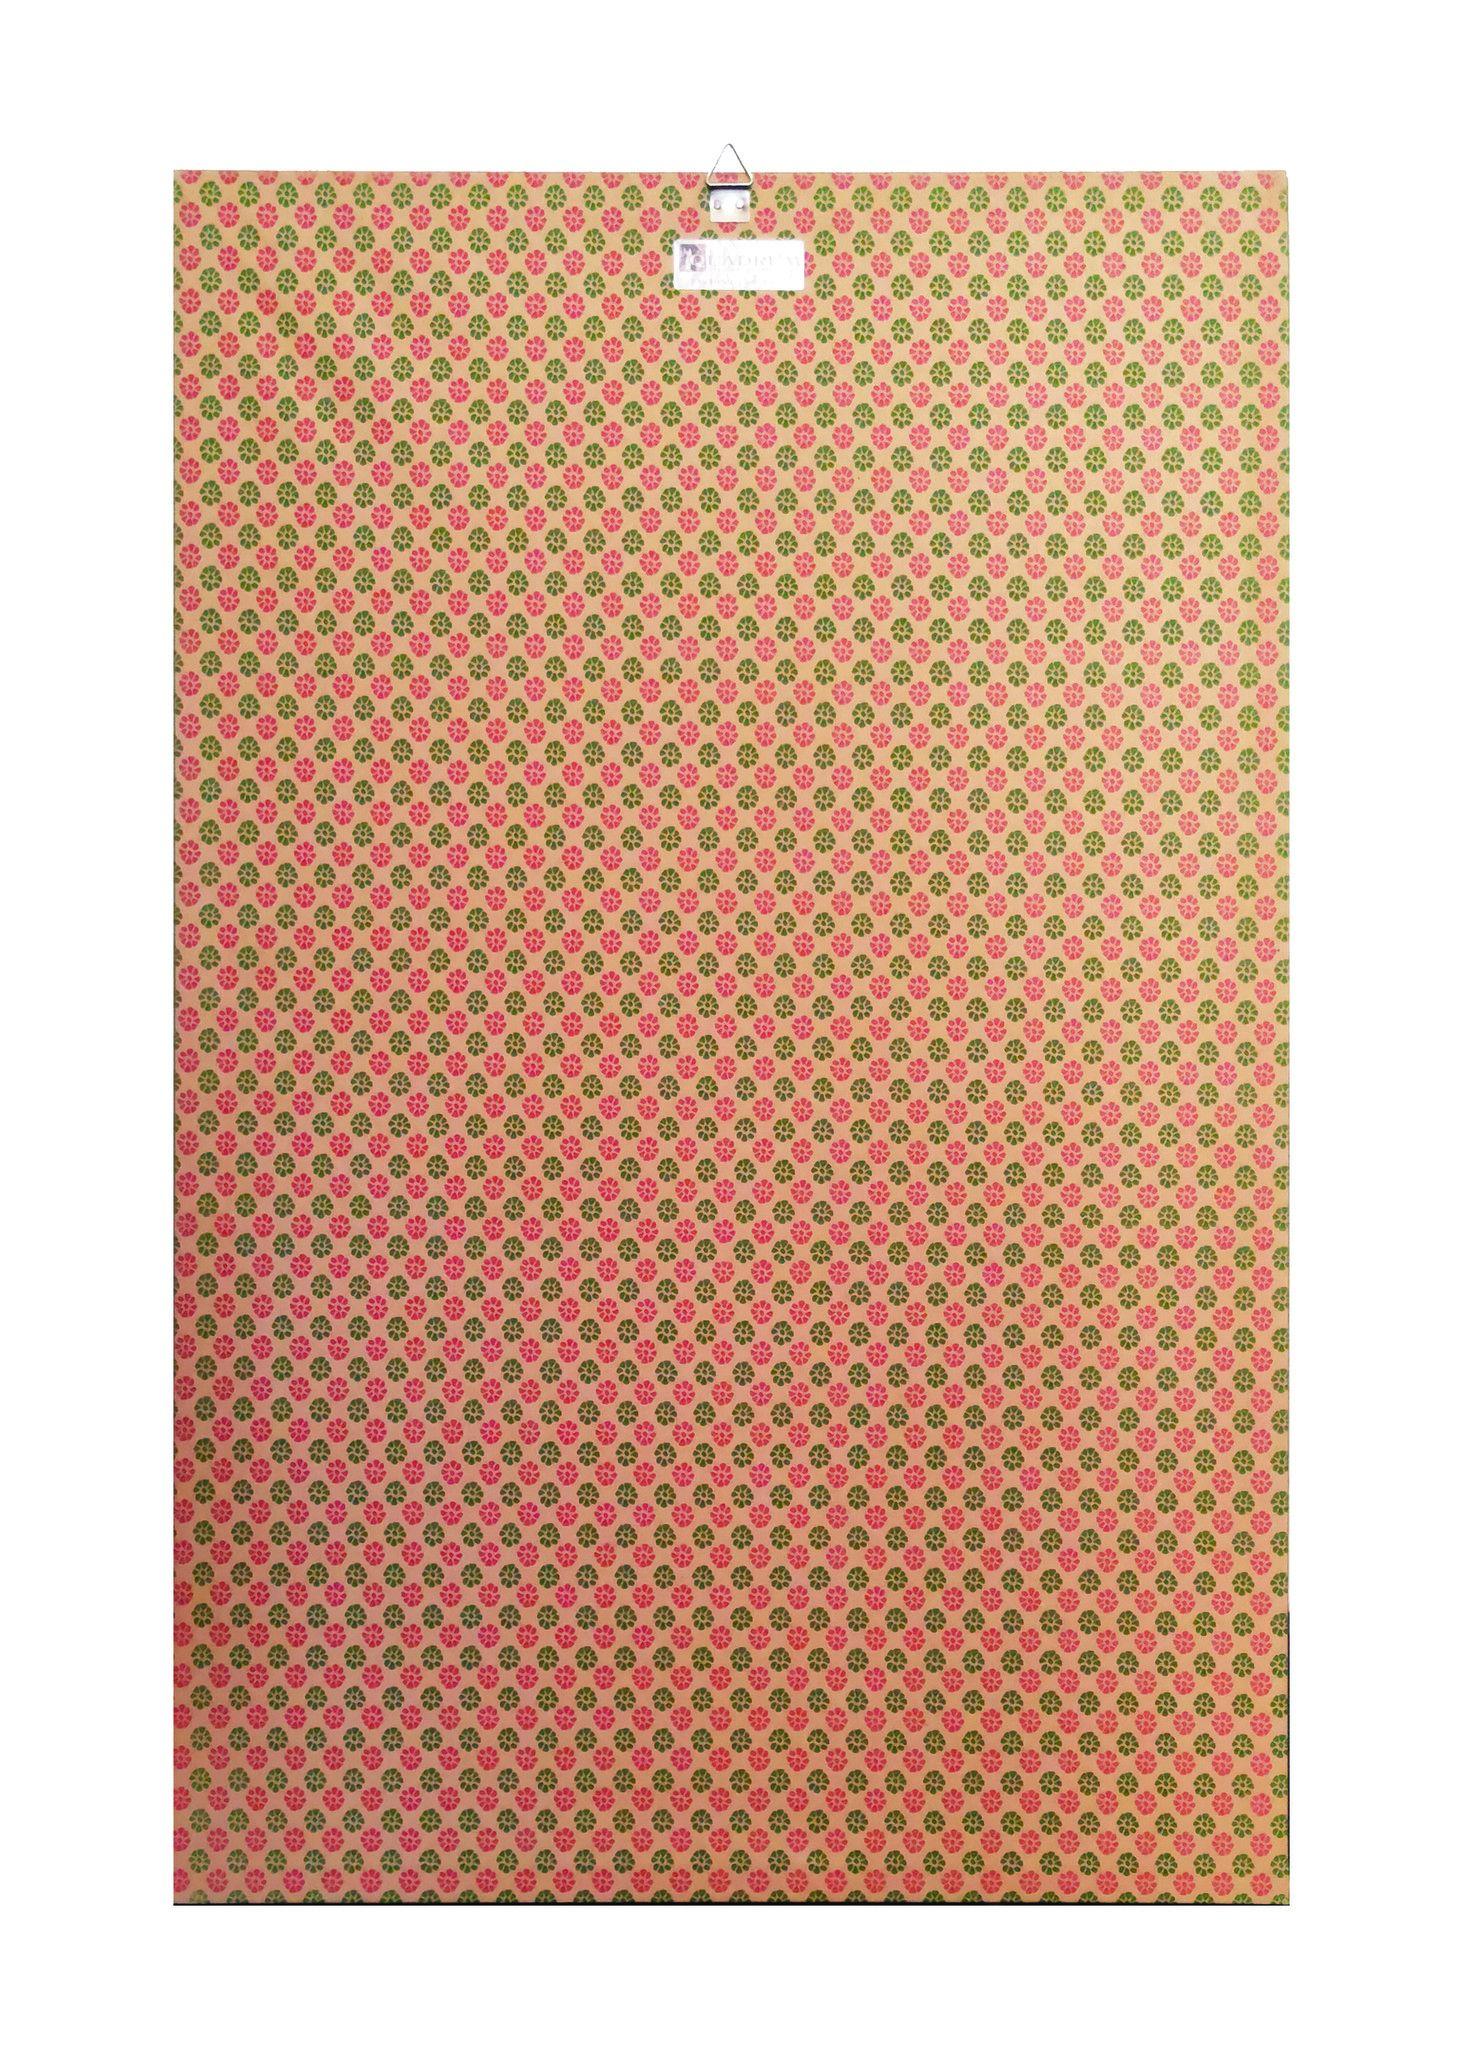 ACQUERELLO SU CARTA  VIVIAN  NARDUZZI ' LAGO DI NINFEE '  dimensioni L 25,3 x H 35,6 cm.